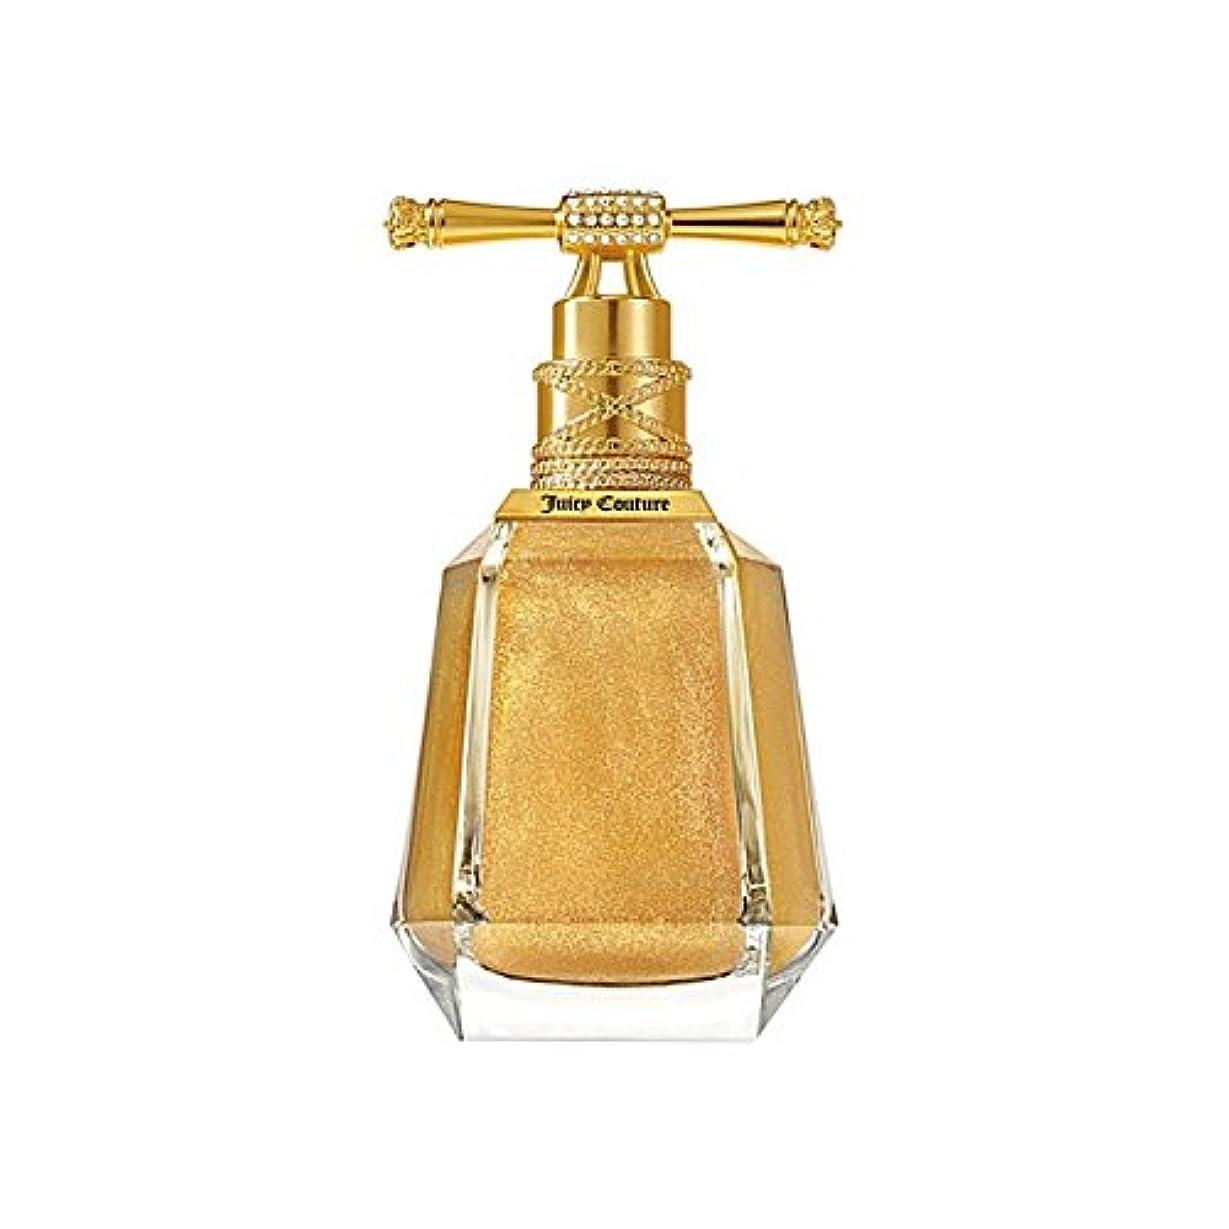 手荷物砲撃学習者ジューシークチュールドライオイルきらめきミスト100ミリリットル x4 - Juicy Couture Dry Oil Shimmer Mist 100ml (Pack of 4) [並行輸入品]